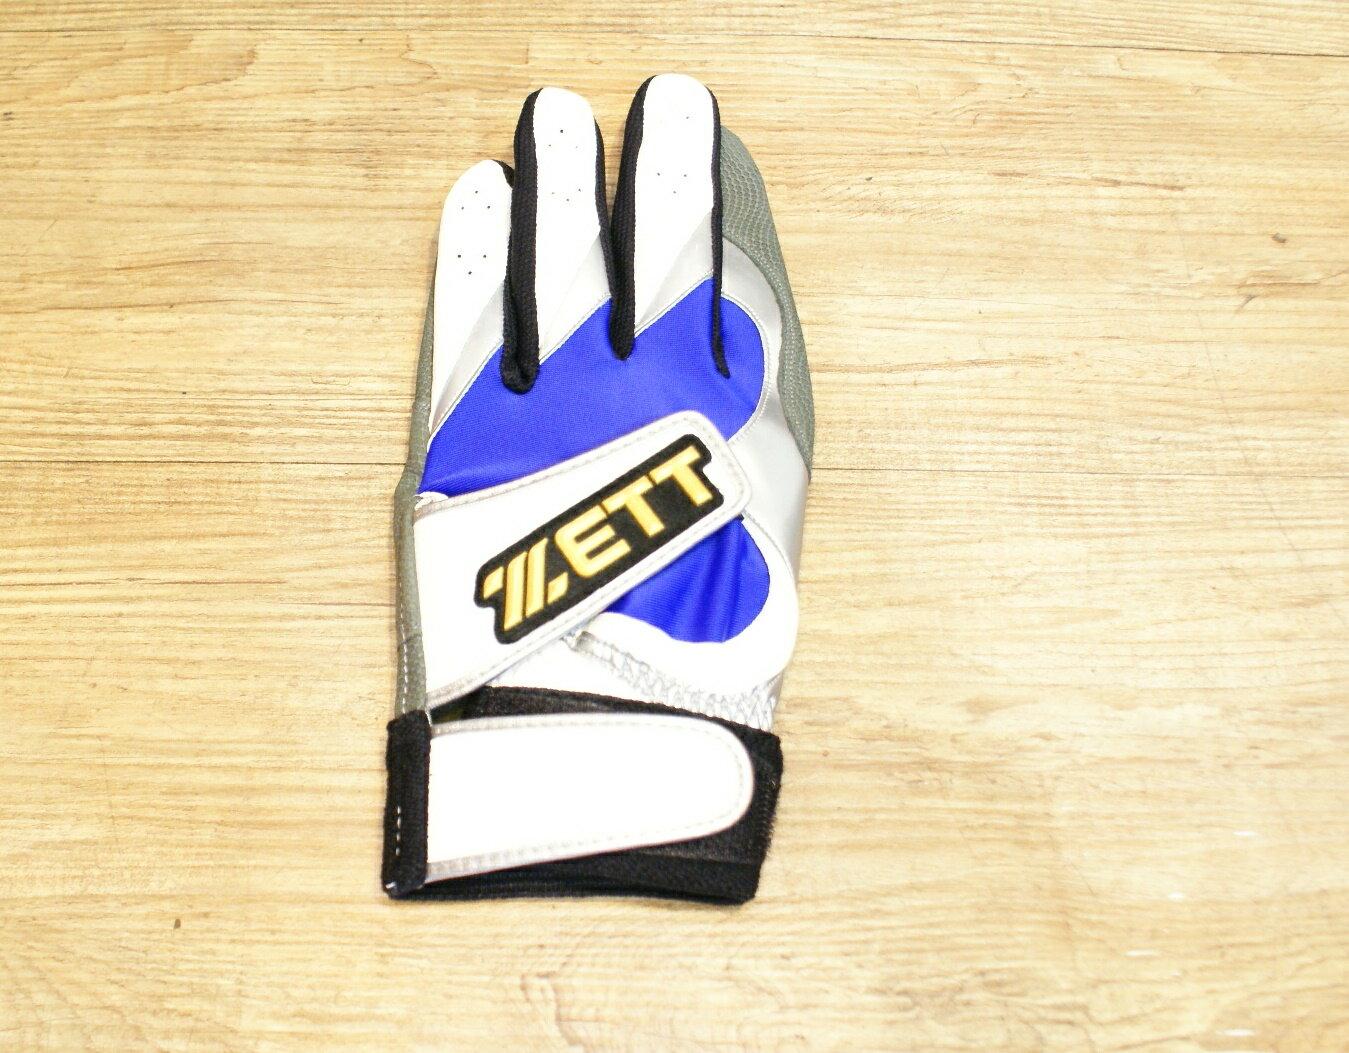 棒球世界 14年ZETT 進口山羊皮打擊手套 特價 雙魔鬼沾設計 藍白配色 人氣賣家商品